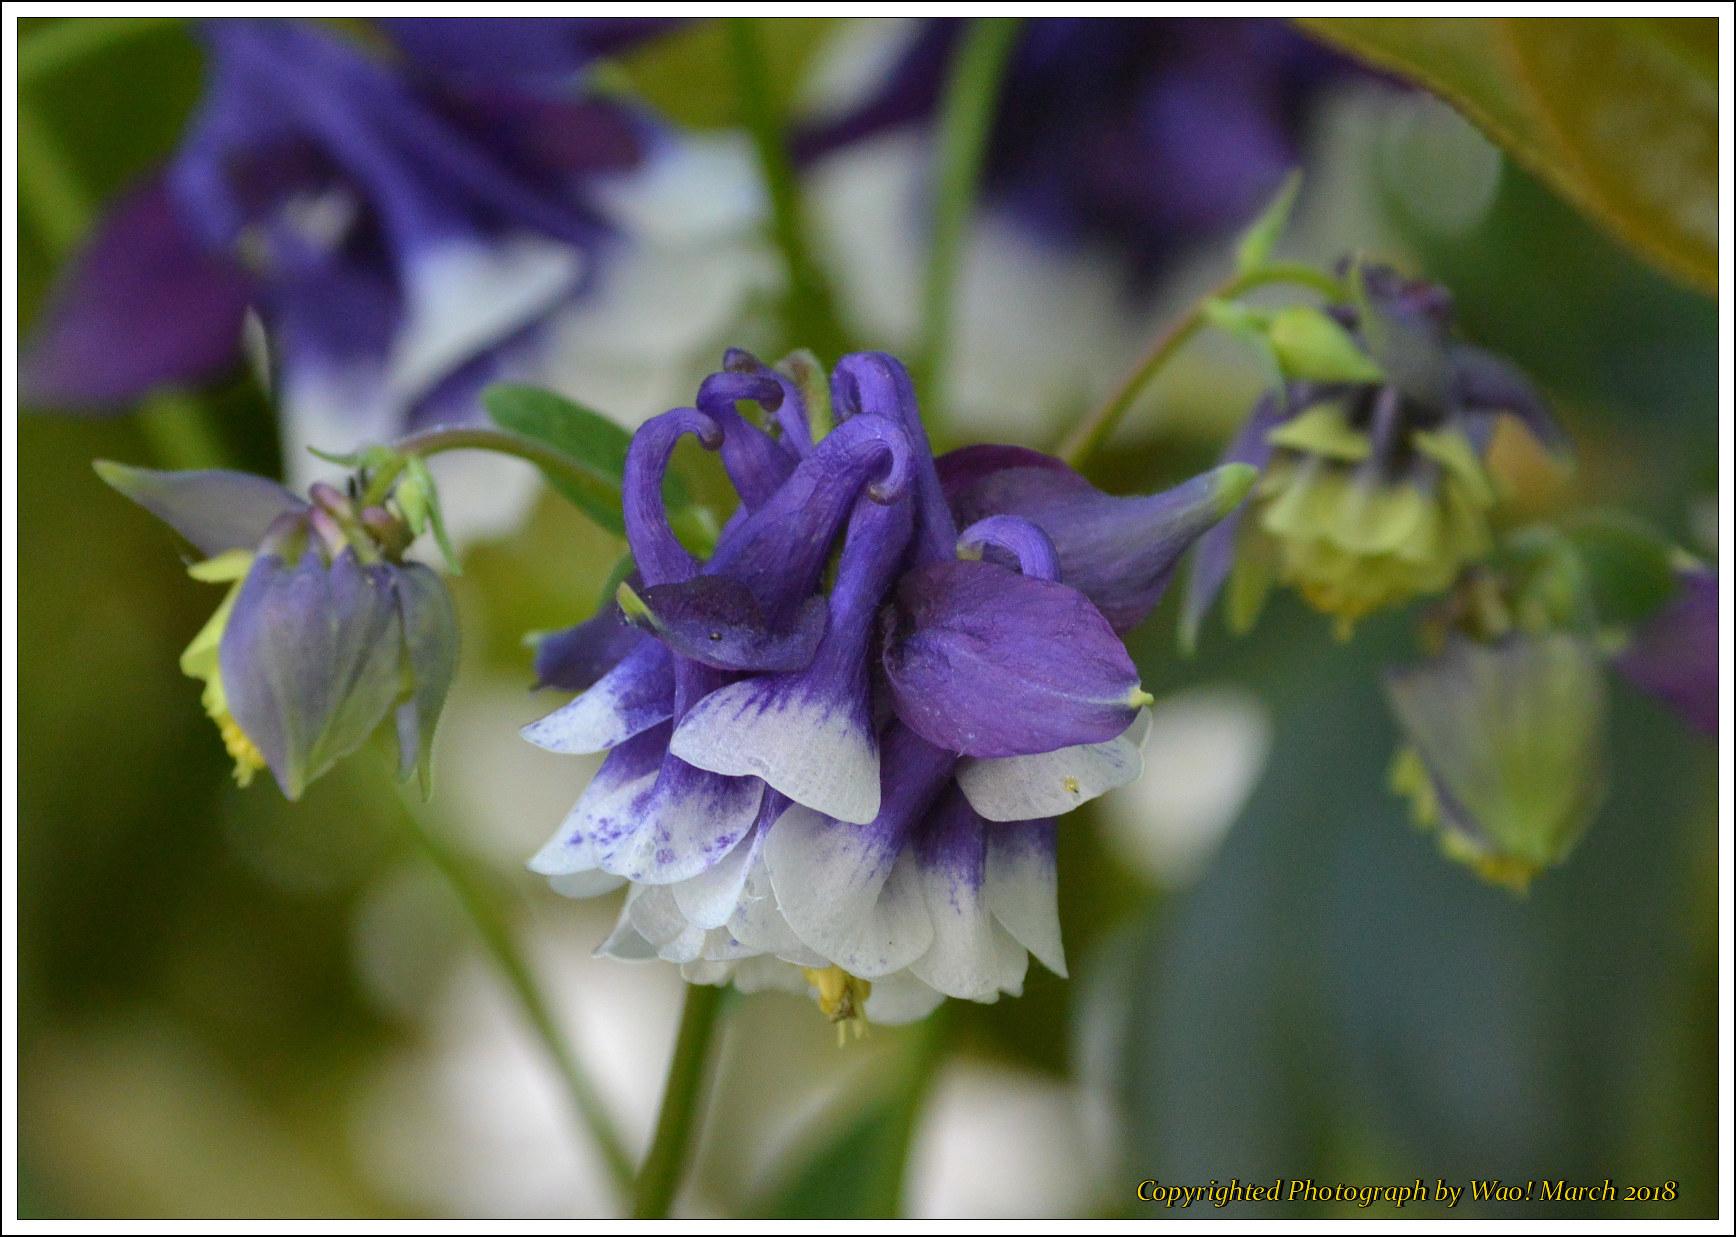 庭に咲く花 -1_c0198669_17401755.jpg